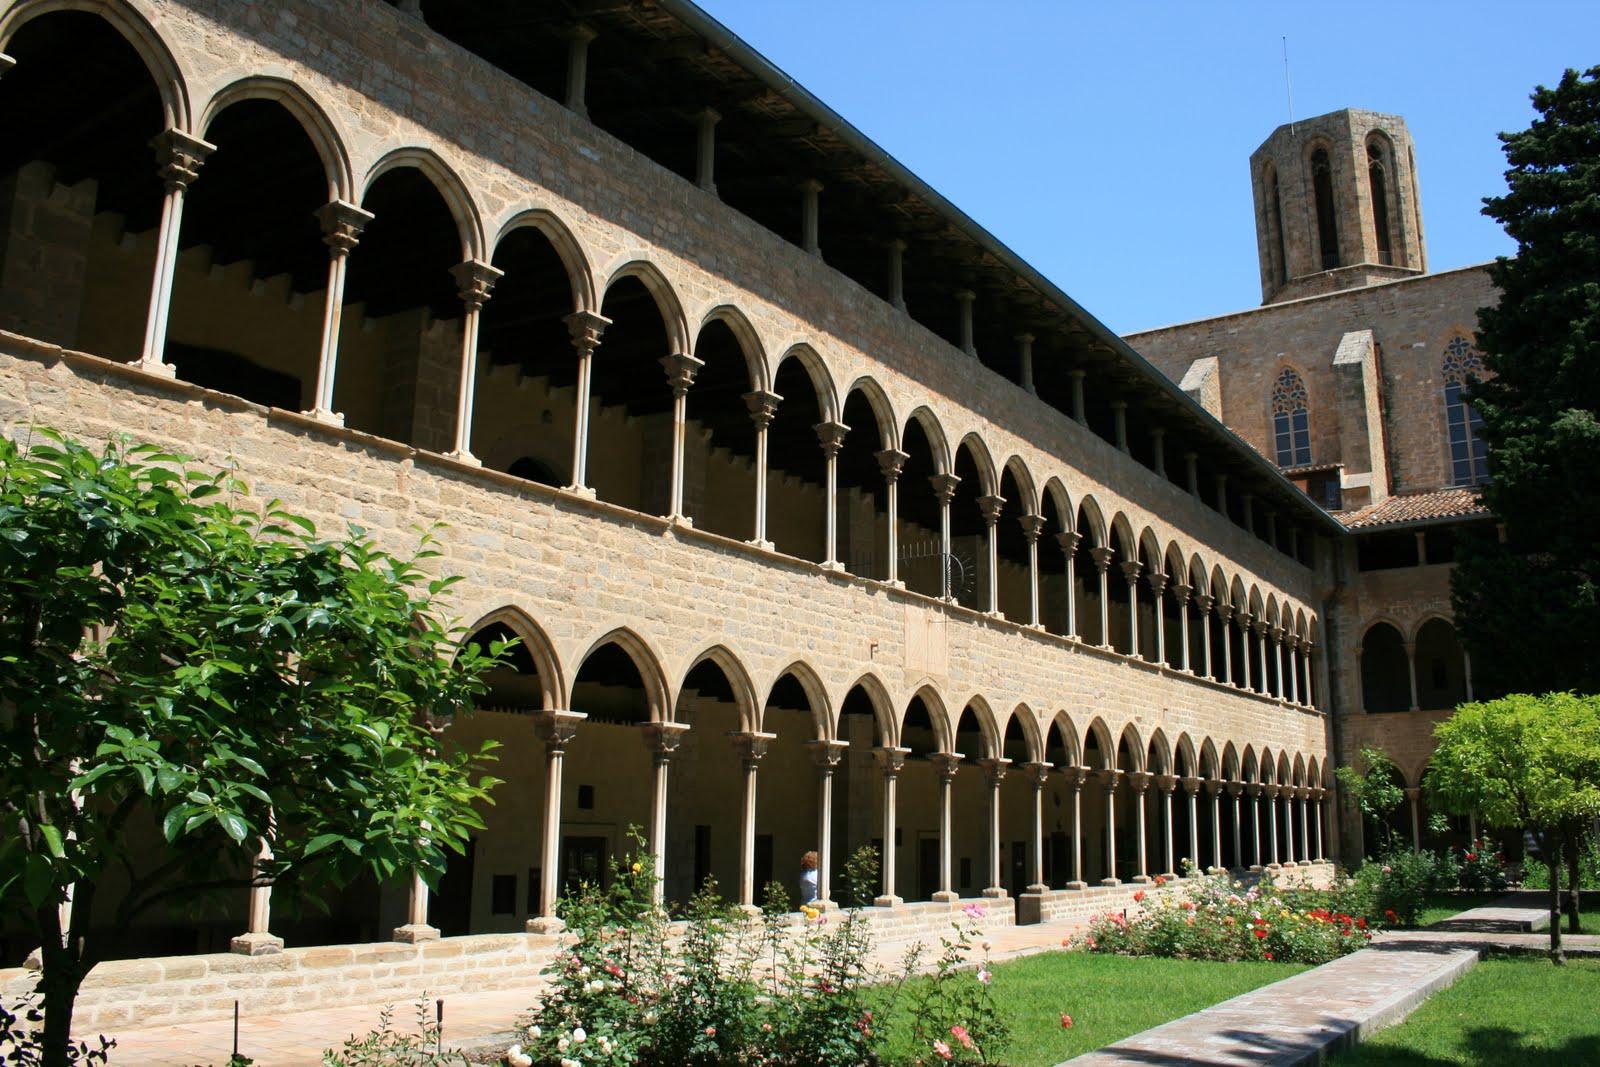 TEFL-Barcelona blog: Monestir de pedralbes